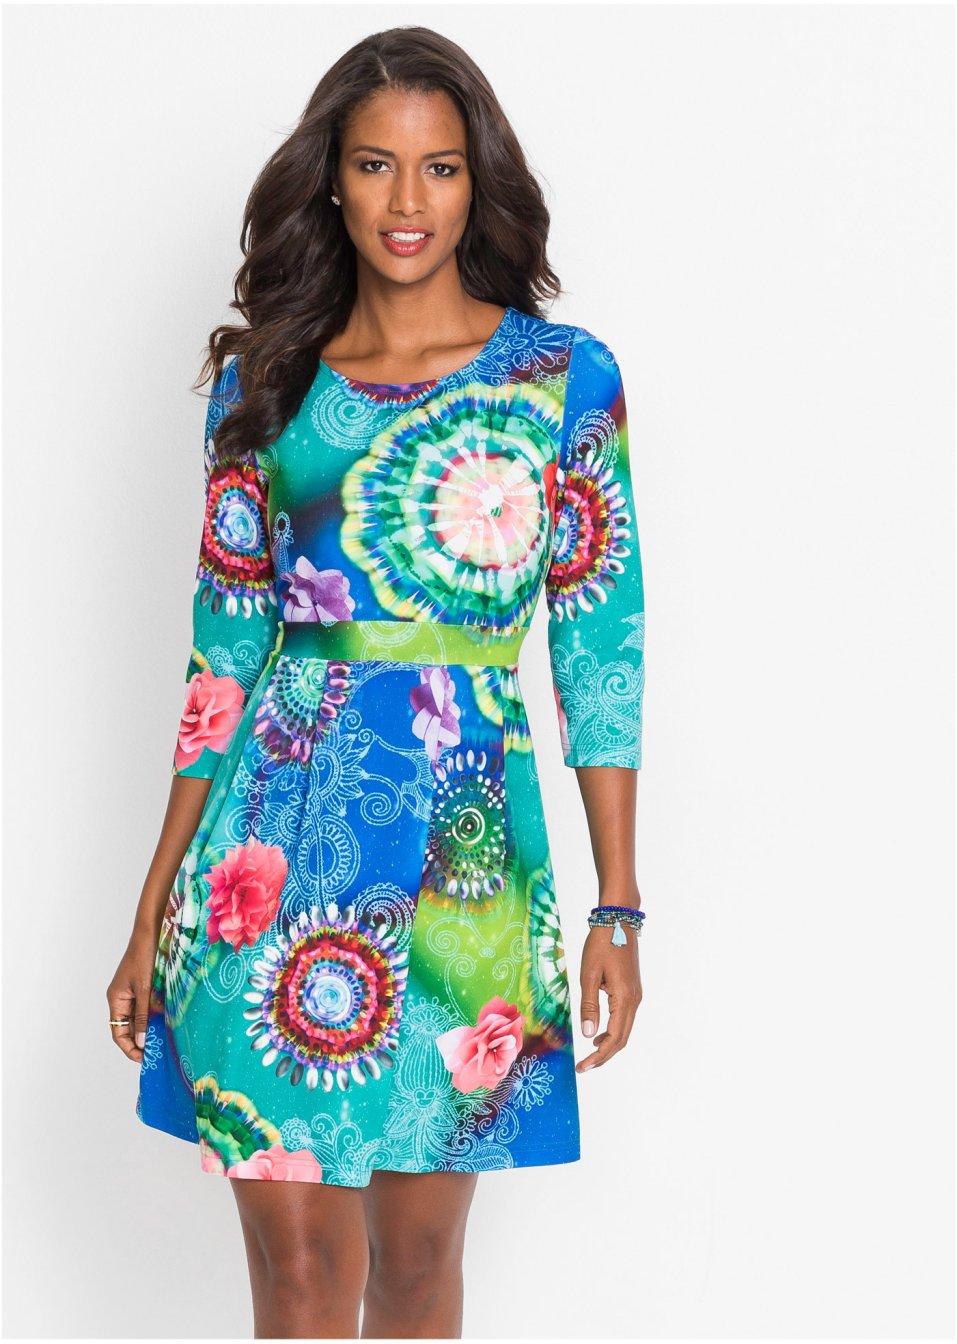 Kleid mit bunten Muster blau/grün - BODYFLIRT boutique ...